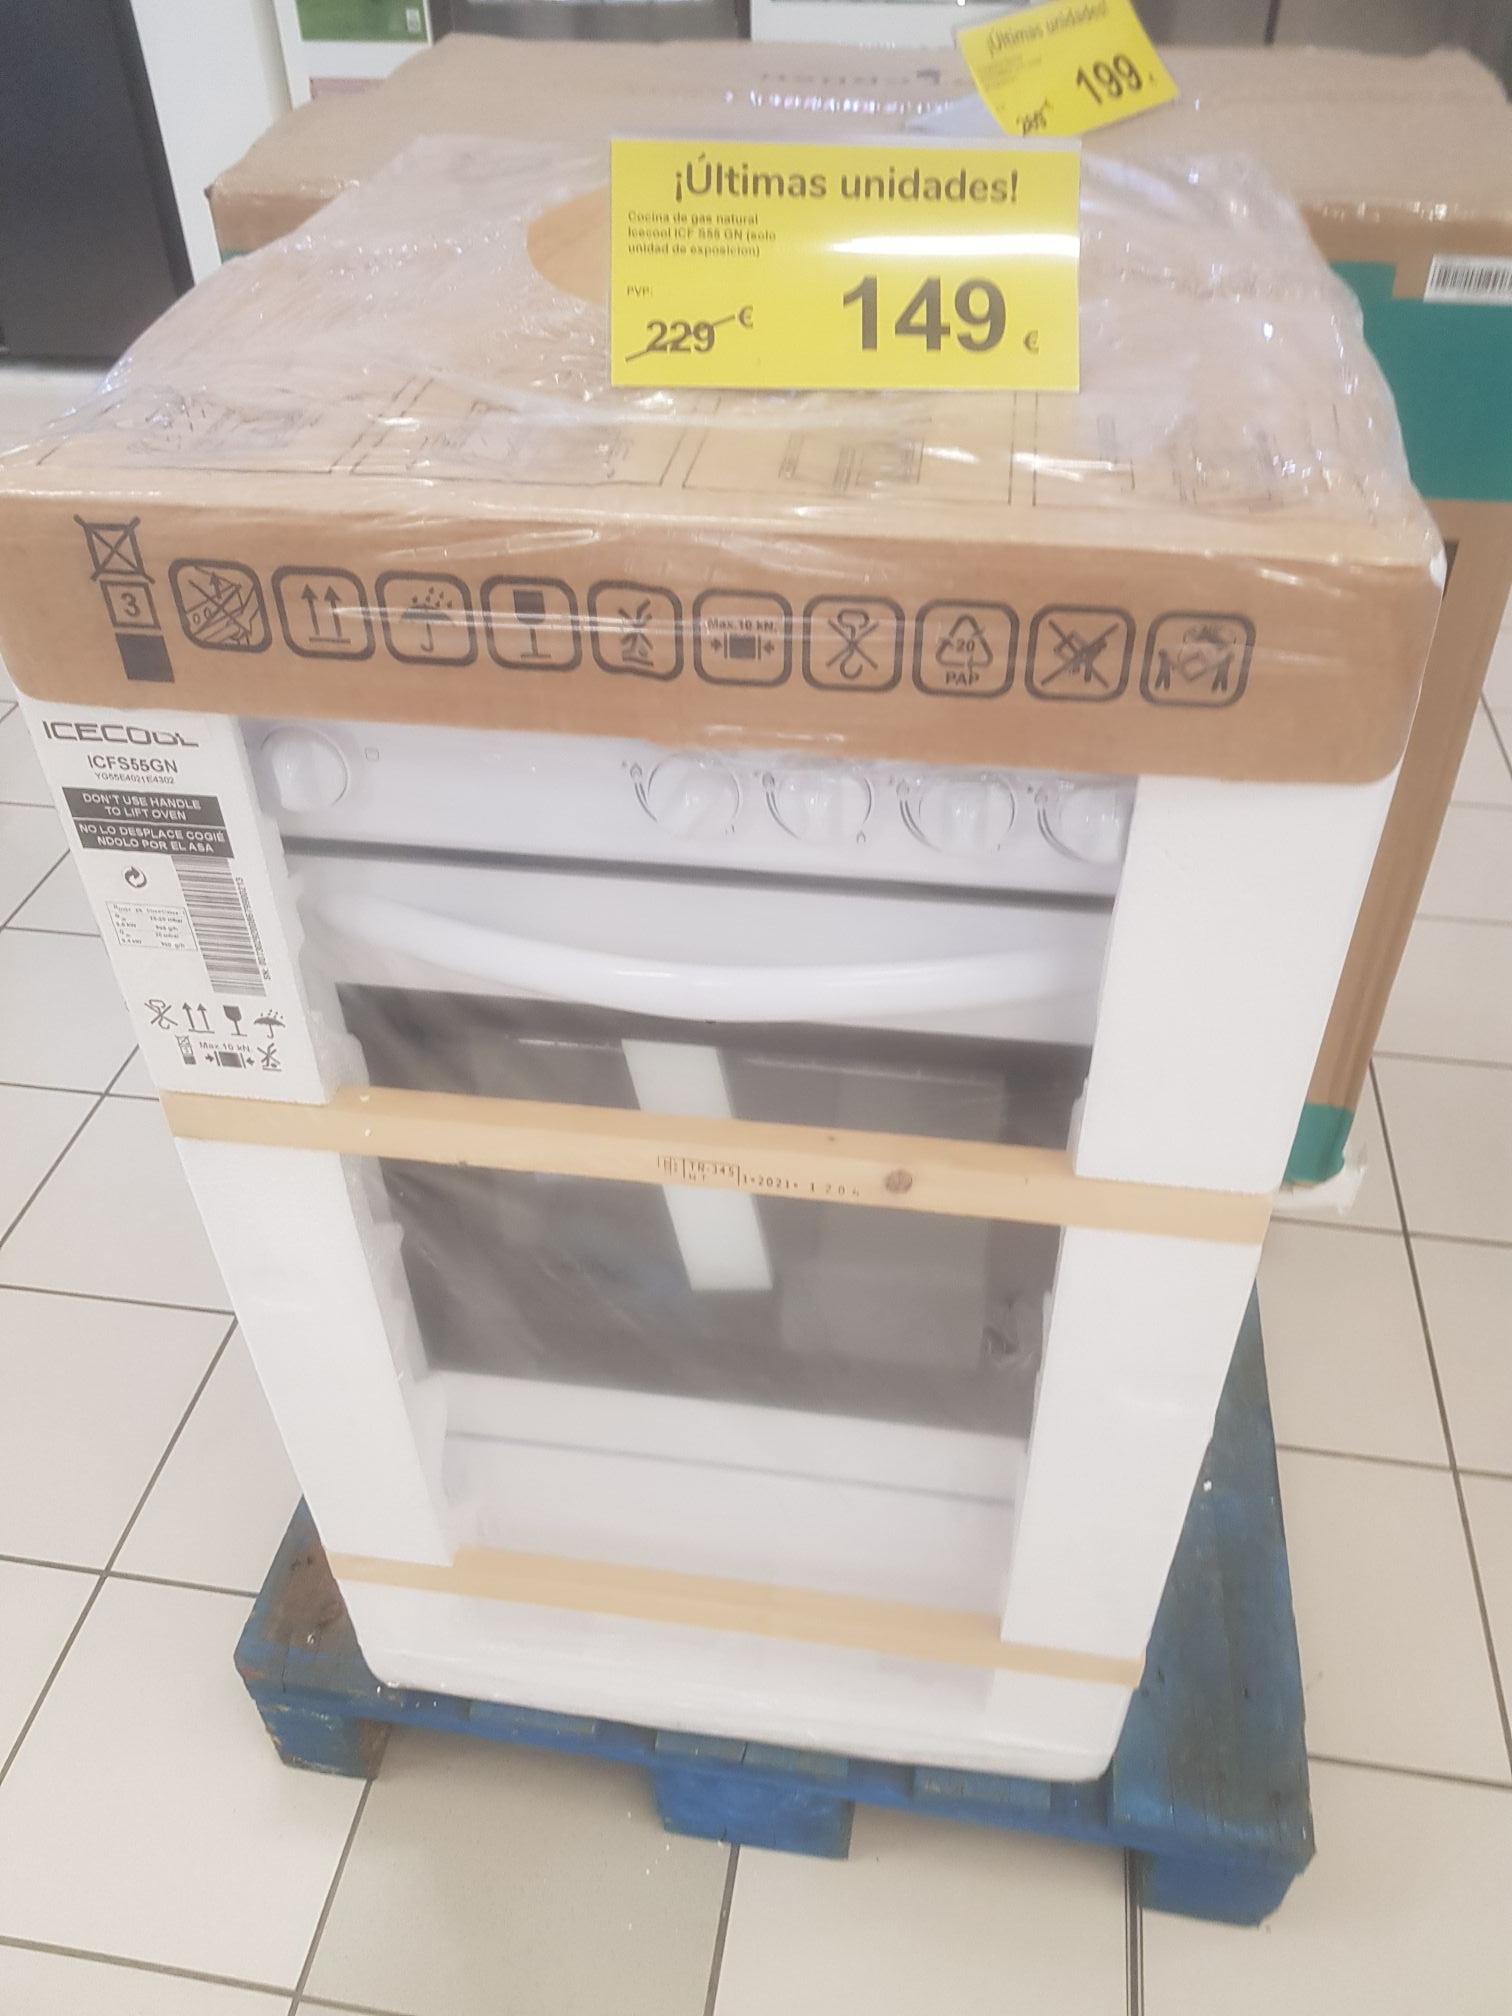 Cocina gas butano con horno.Carrefour El Alisal